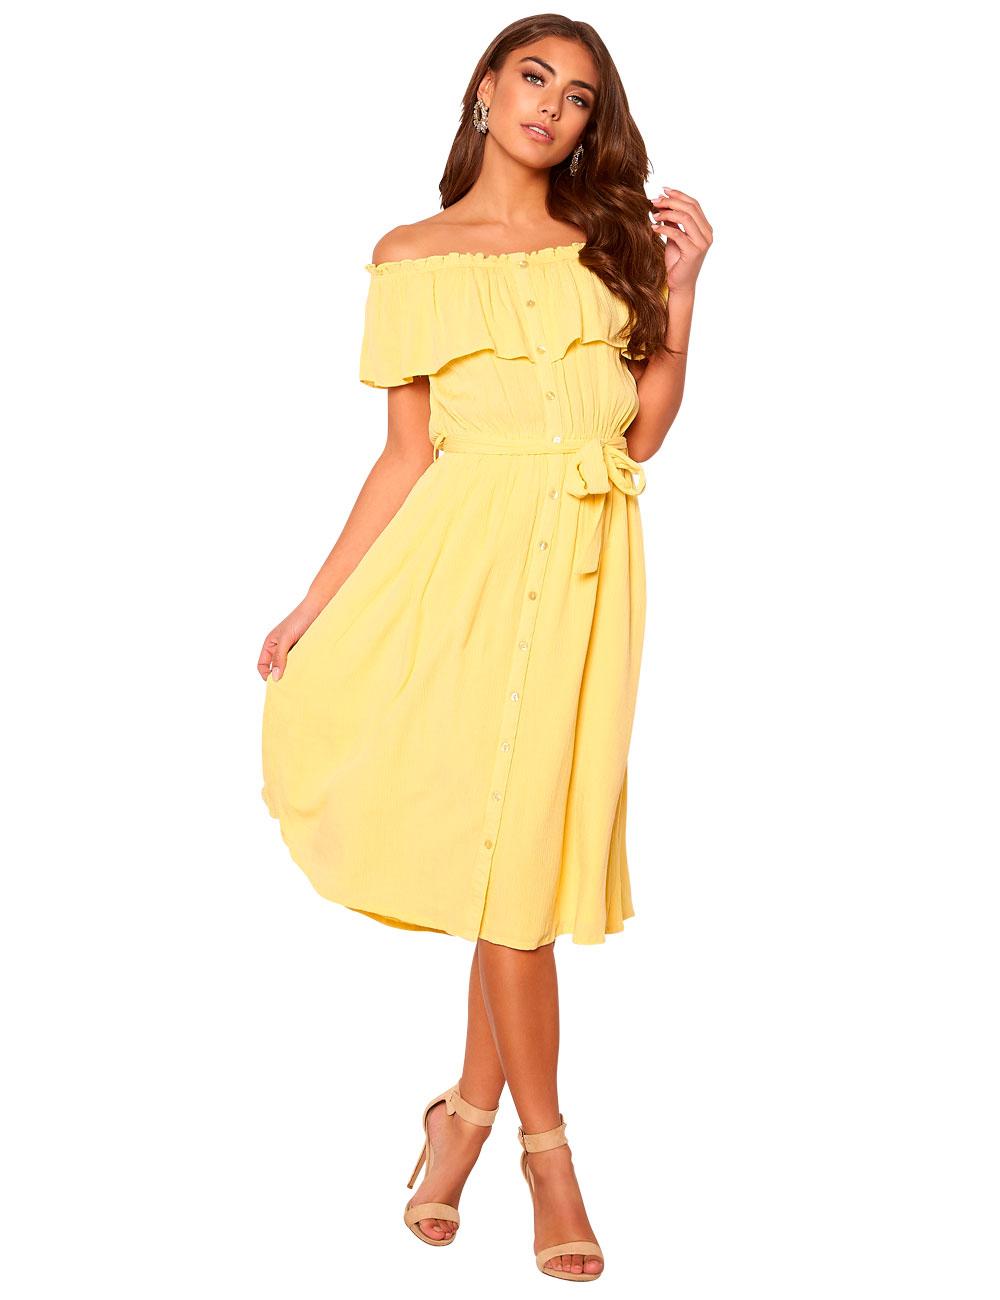 Kleid Make Way mit Carmen-Ausschnitt, gelb